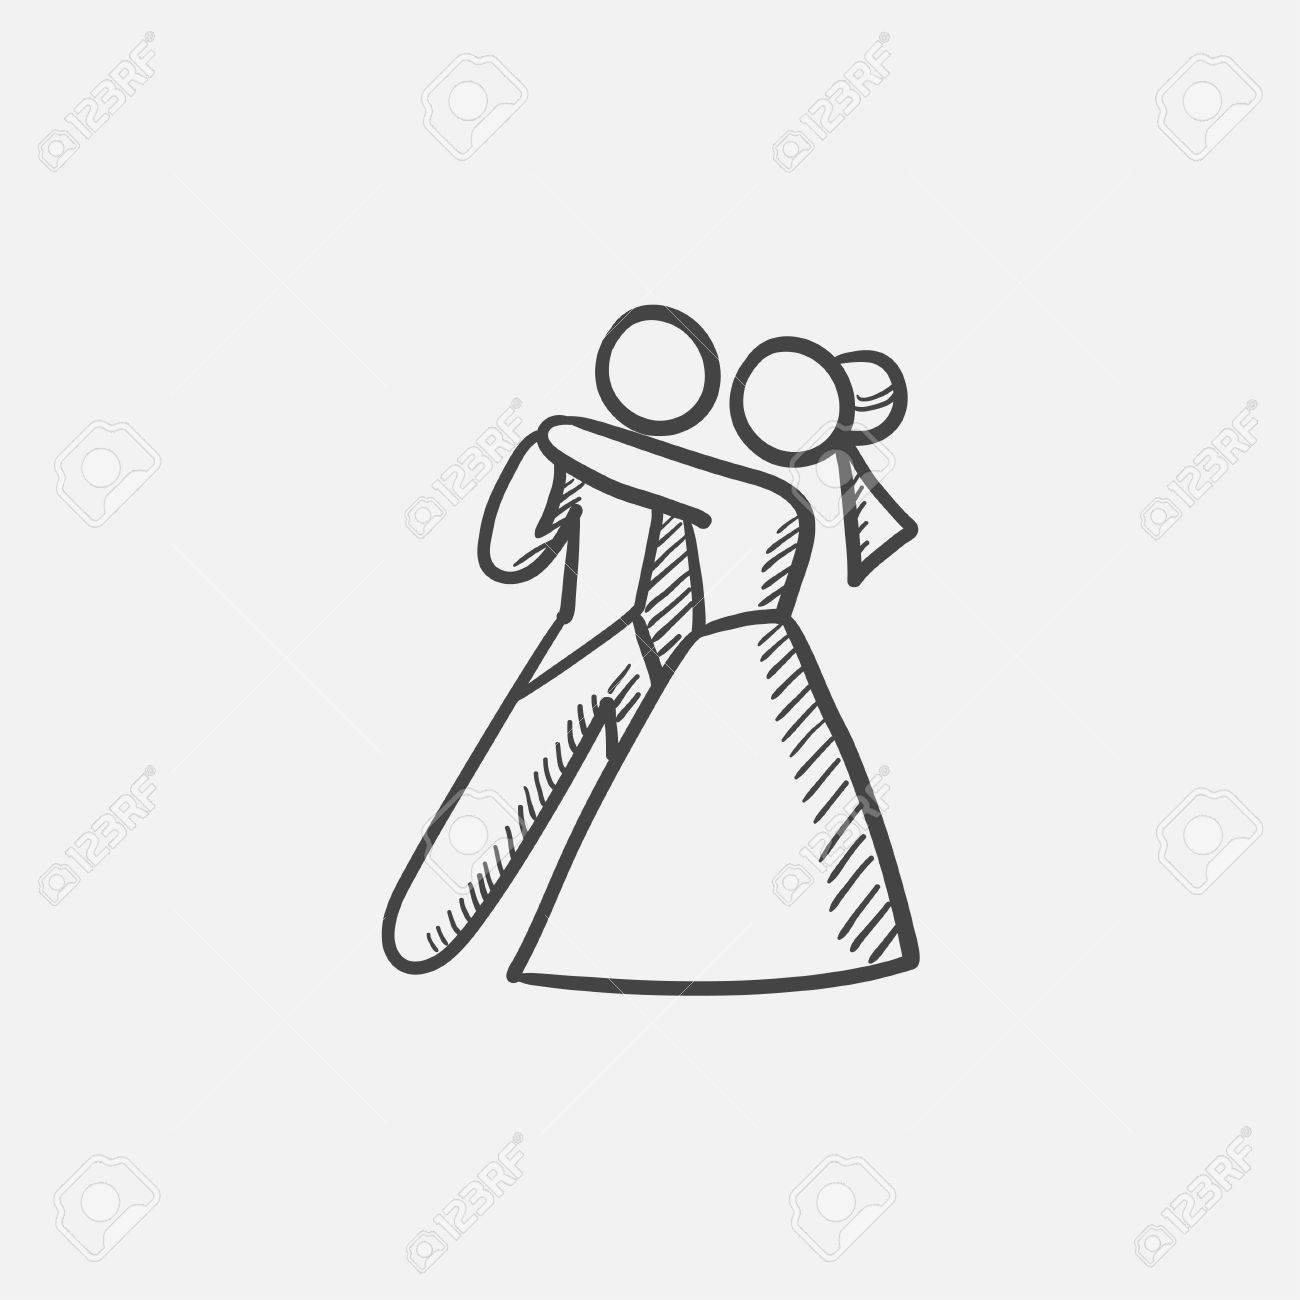 En Primer Dibujo Icono De La Danza De La Boda Para Web Móvil Y La Infografía Aislado Vector Dibujado A Mano Icono